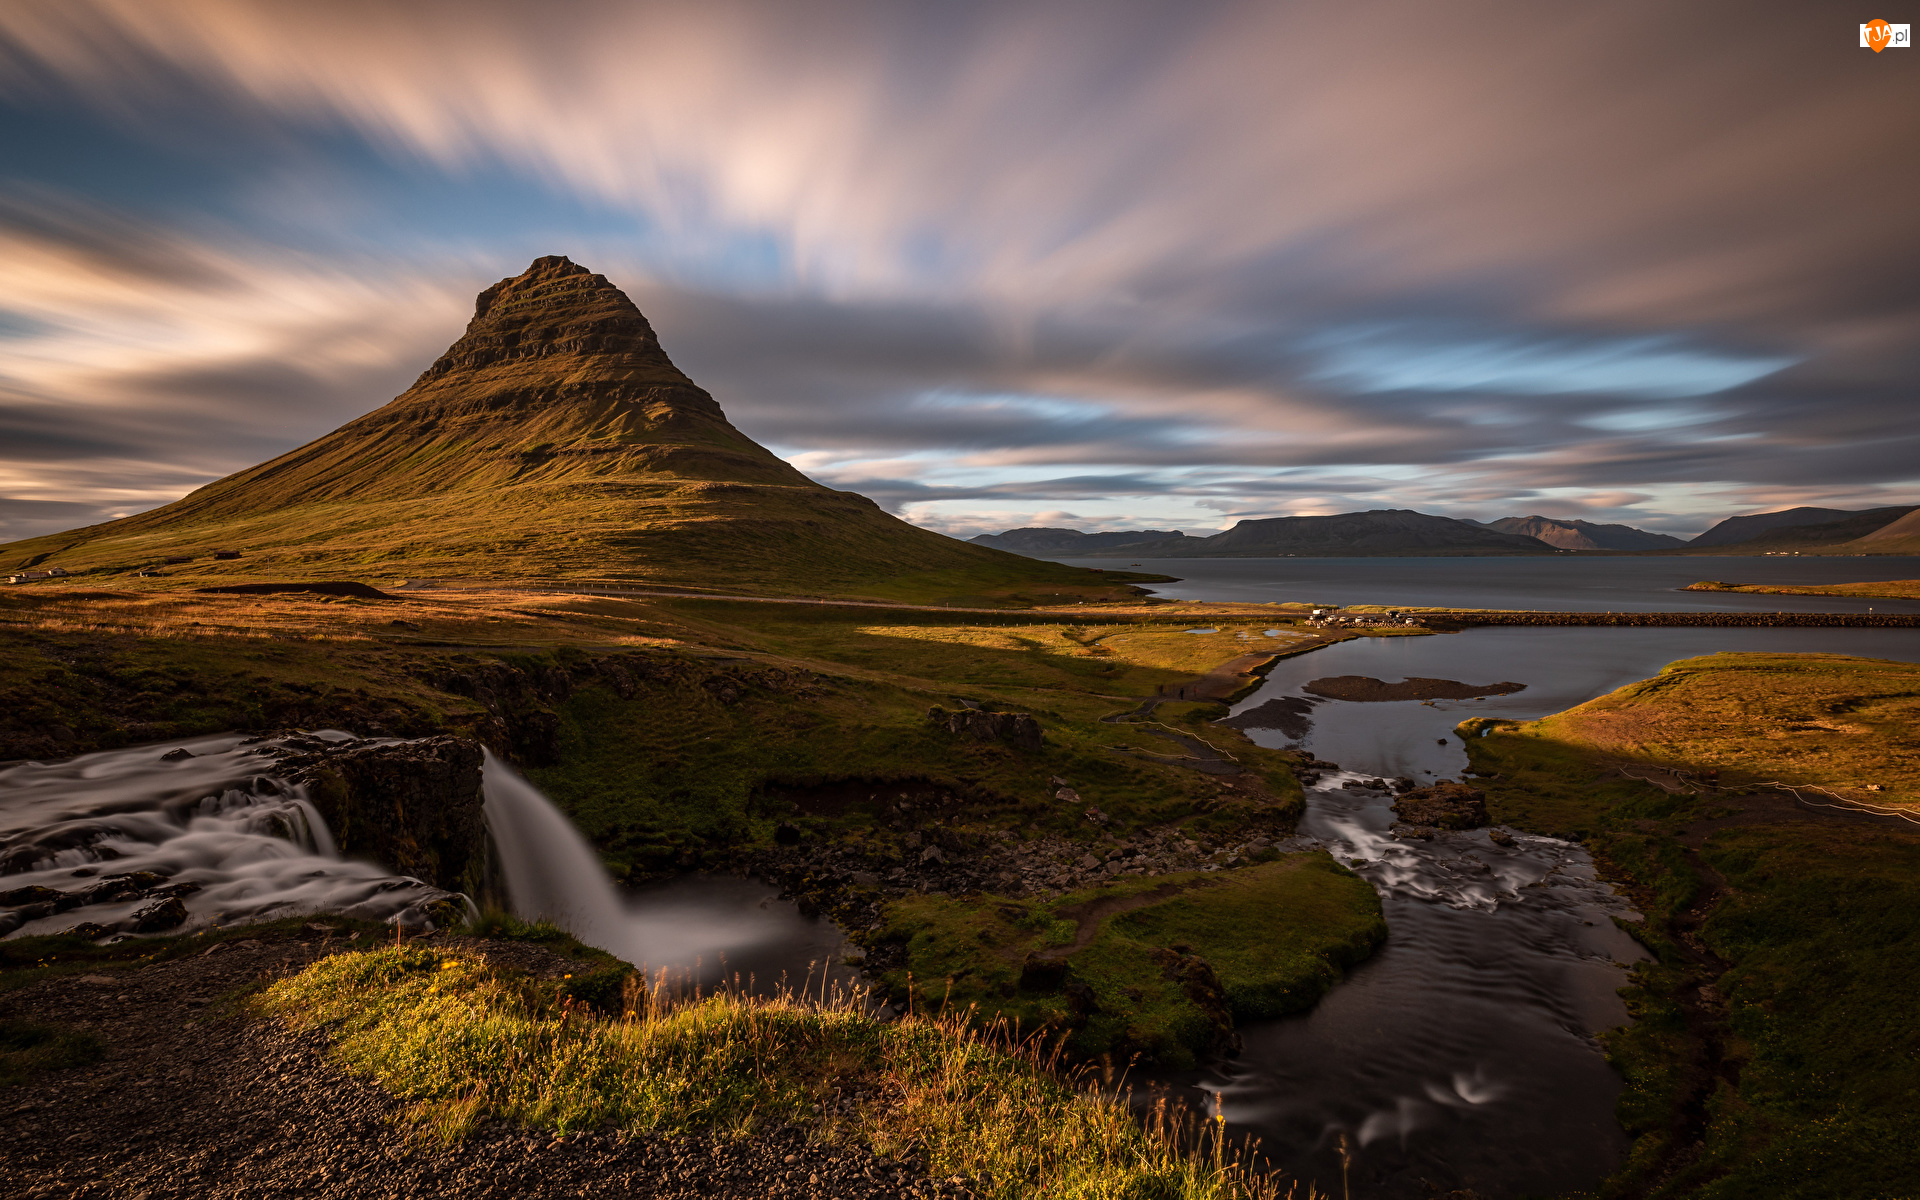 Góra Kirkjufell, Islandia, Trawa, Wodospad Kirkjufellsfoss, Rzeka, Chmury